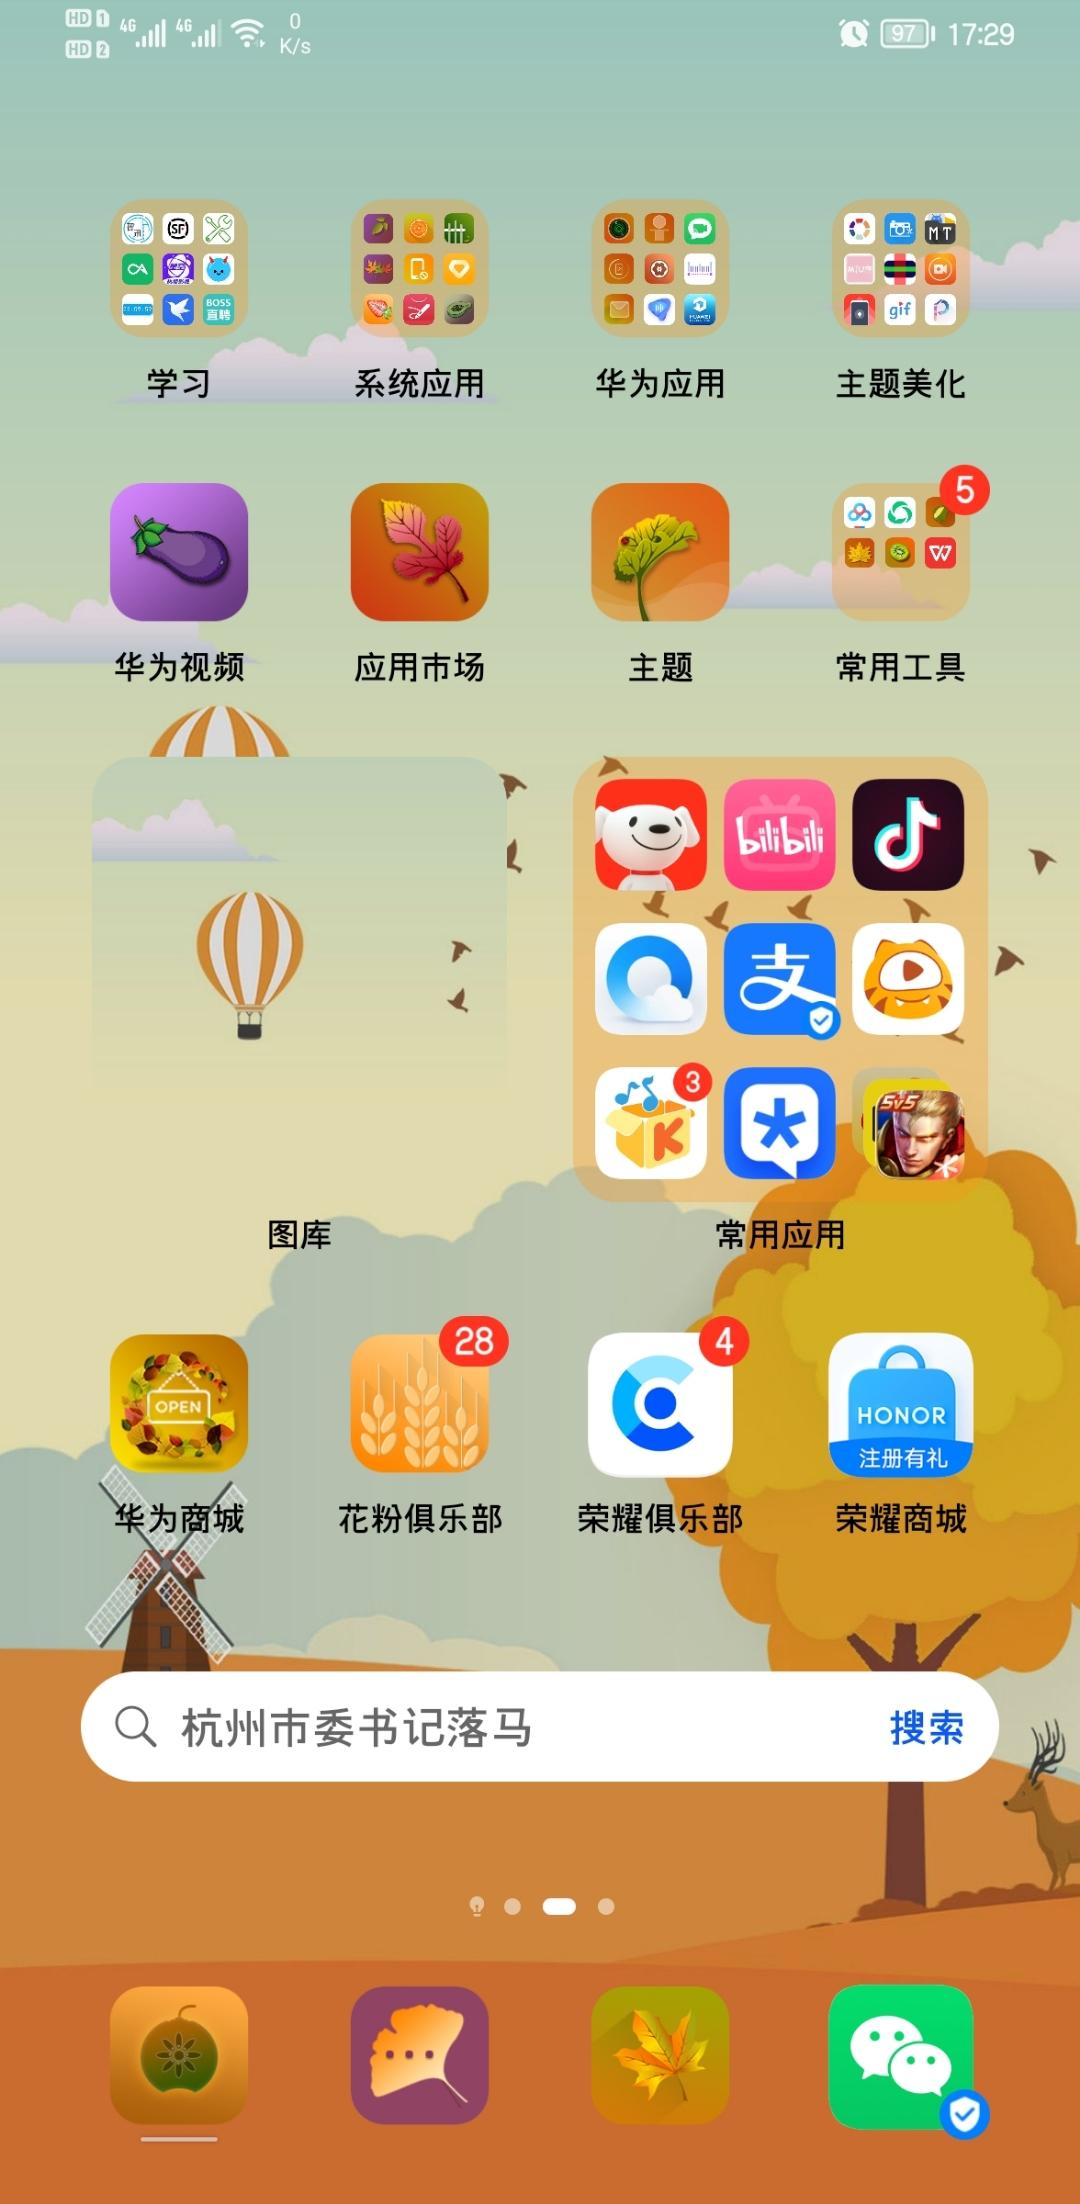 Screenshot_20210824_172929_com.huawei.android.launcher.jpg